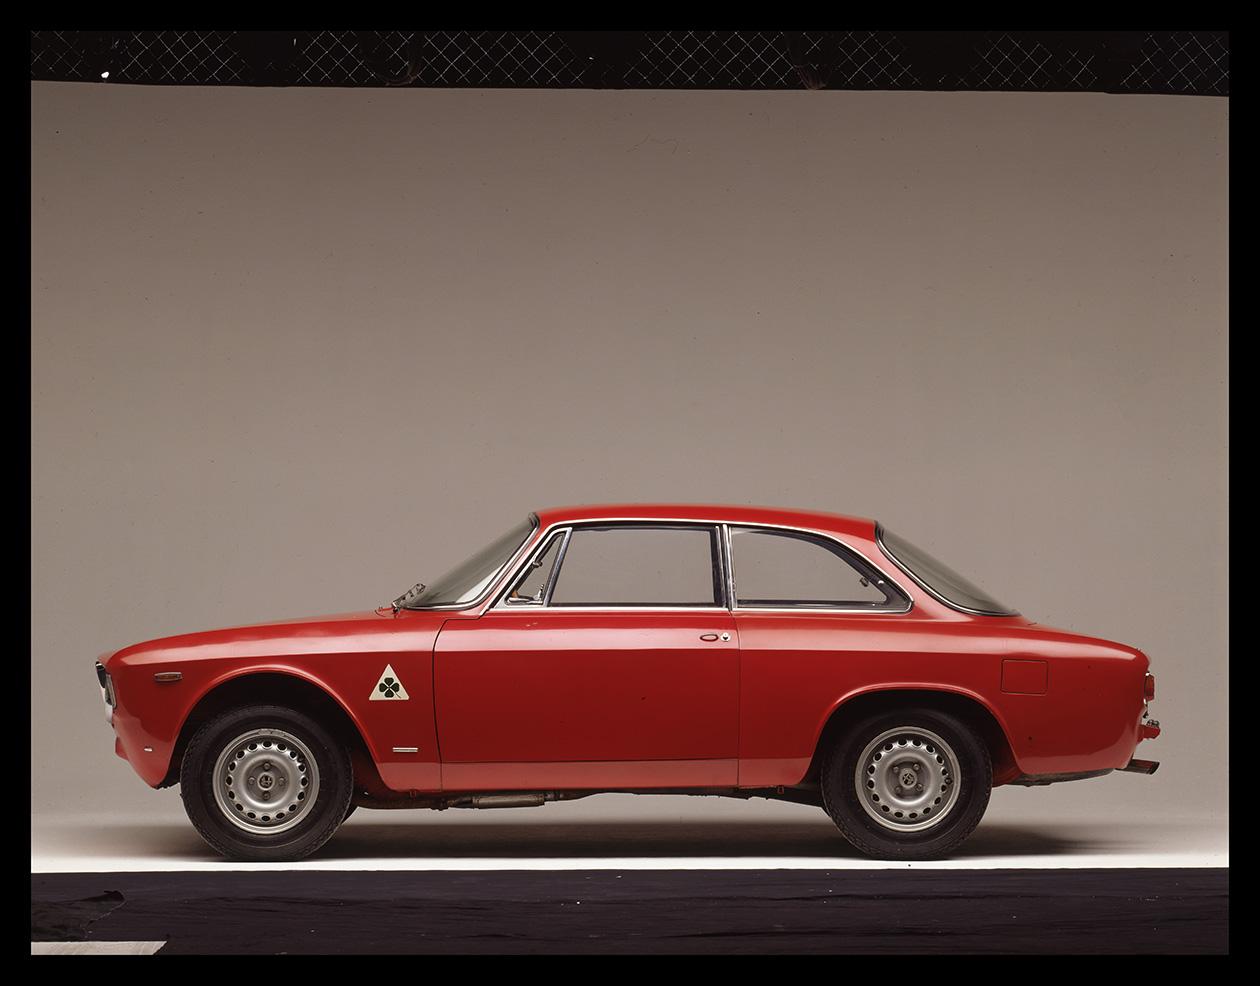 484 002 Δεν γνωρίζεις τι εστί Alfa Romeo άμα δεν γνωρίζεις την ιστορία της Alfa, alfa romeo, Alfa Romeo Soul, Alfisti, Giulia, Heritage, museoalfaromeo, videos, zblog